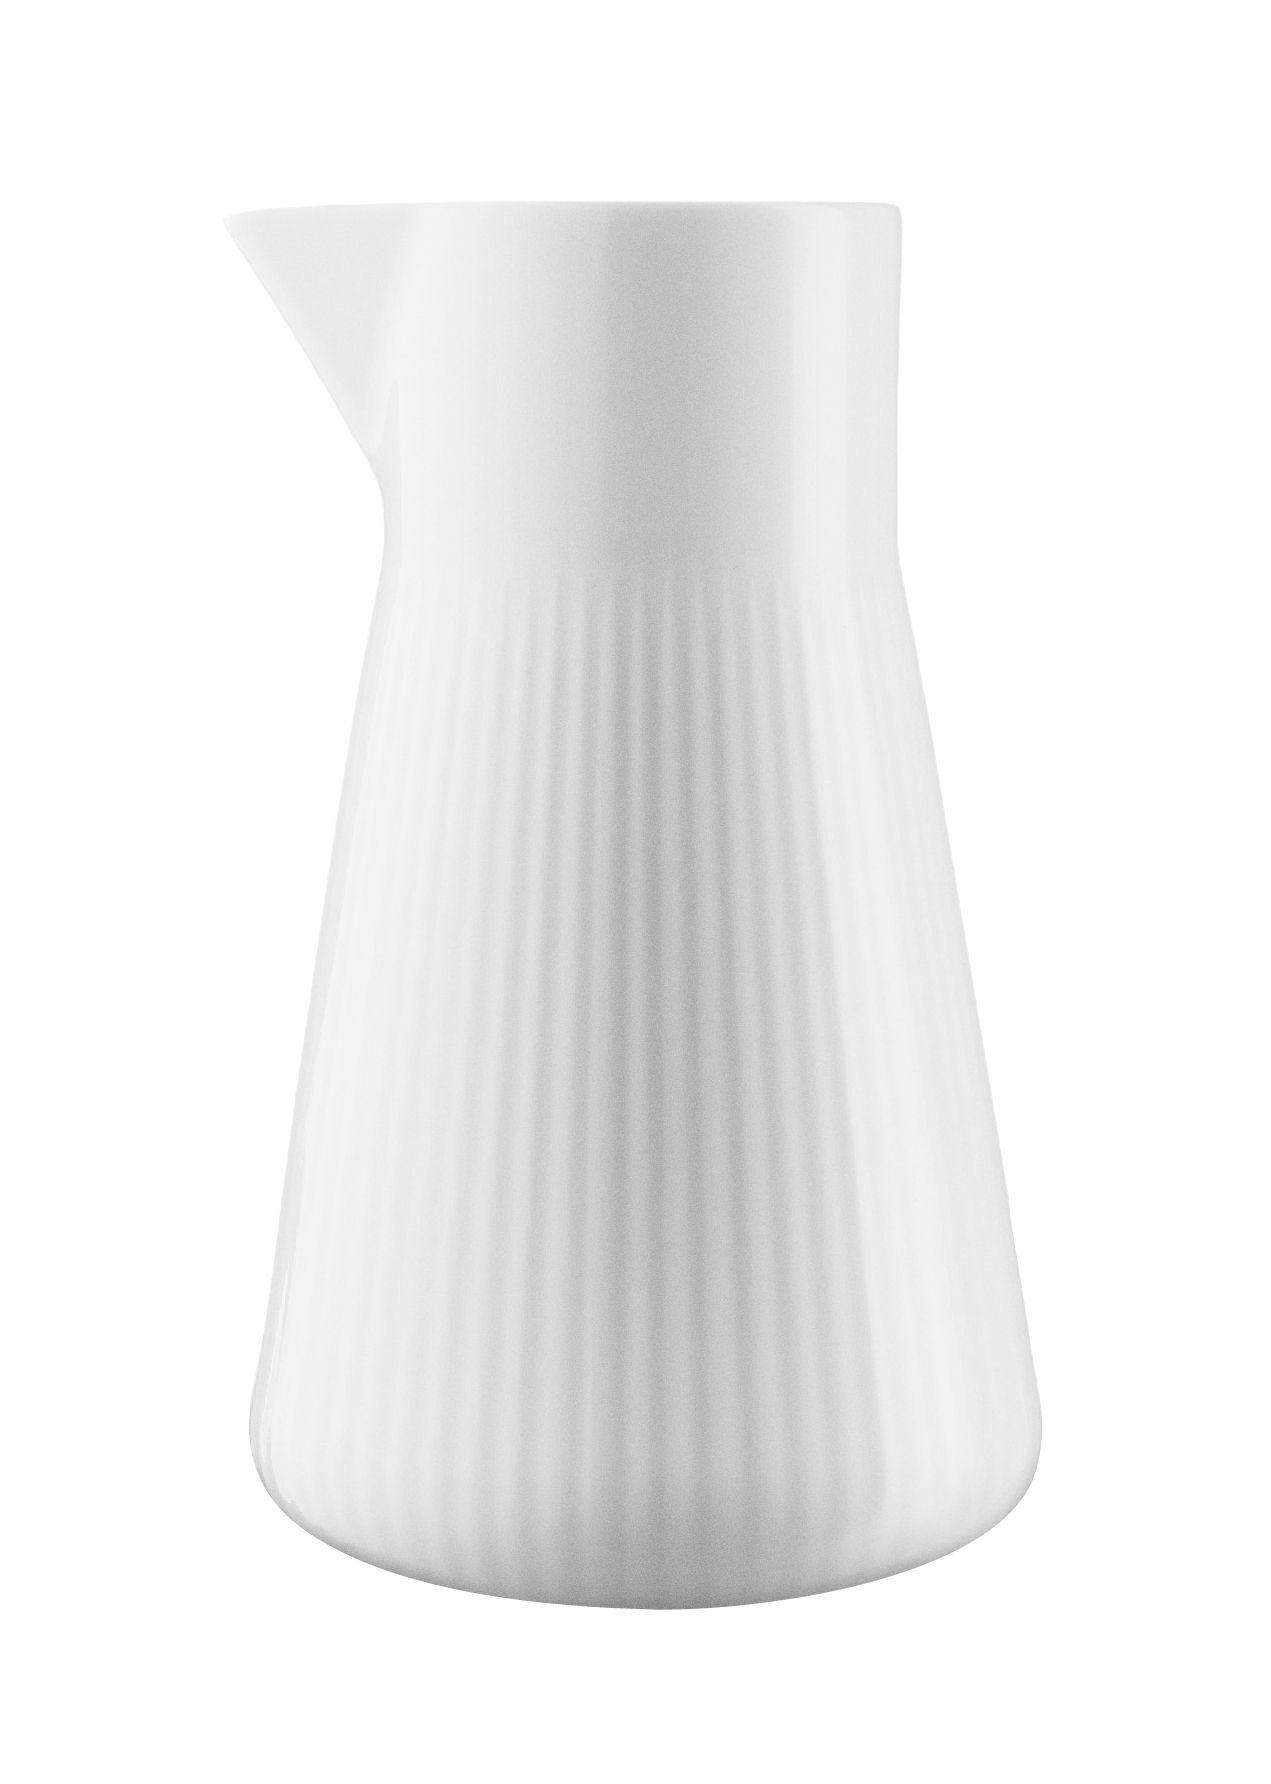 Tavola - Caffè - Contenitore per il latte Legio Nova /  15 cl - Porcellana - Eva Trio - Bianco - Porcelaine de haute qualité